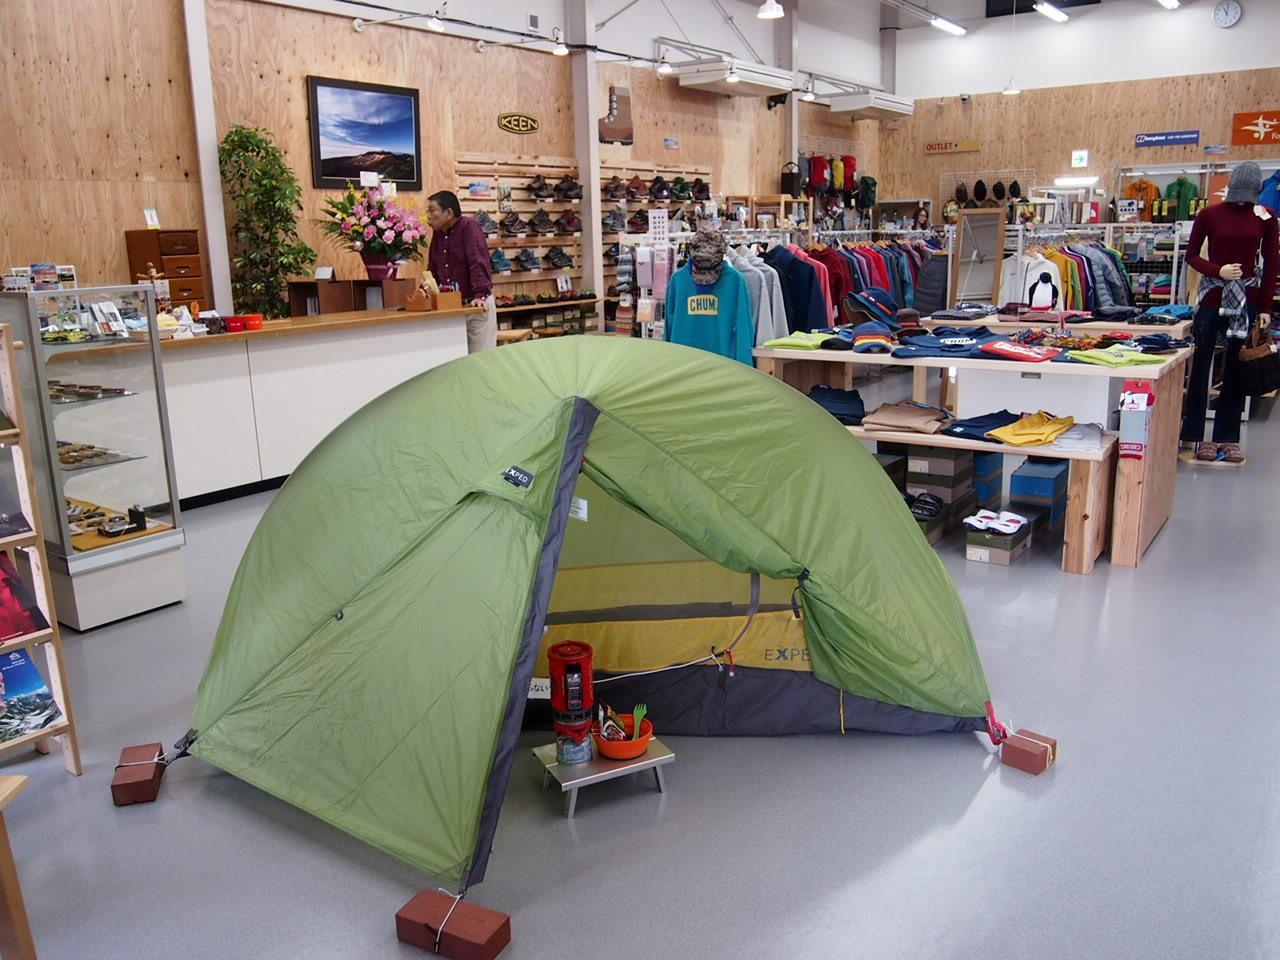 入口付近は定期的にディスプレイが変わります。まずはテント。